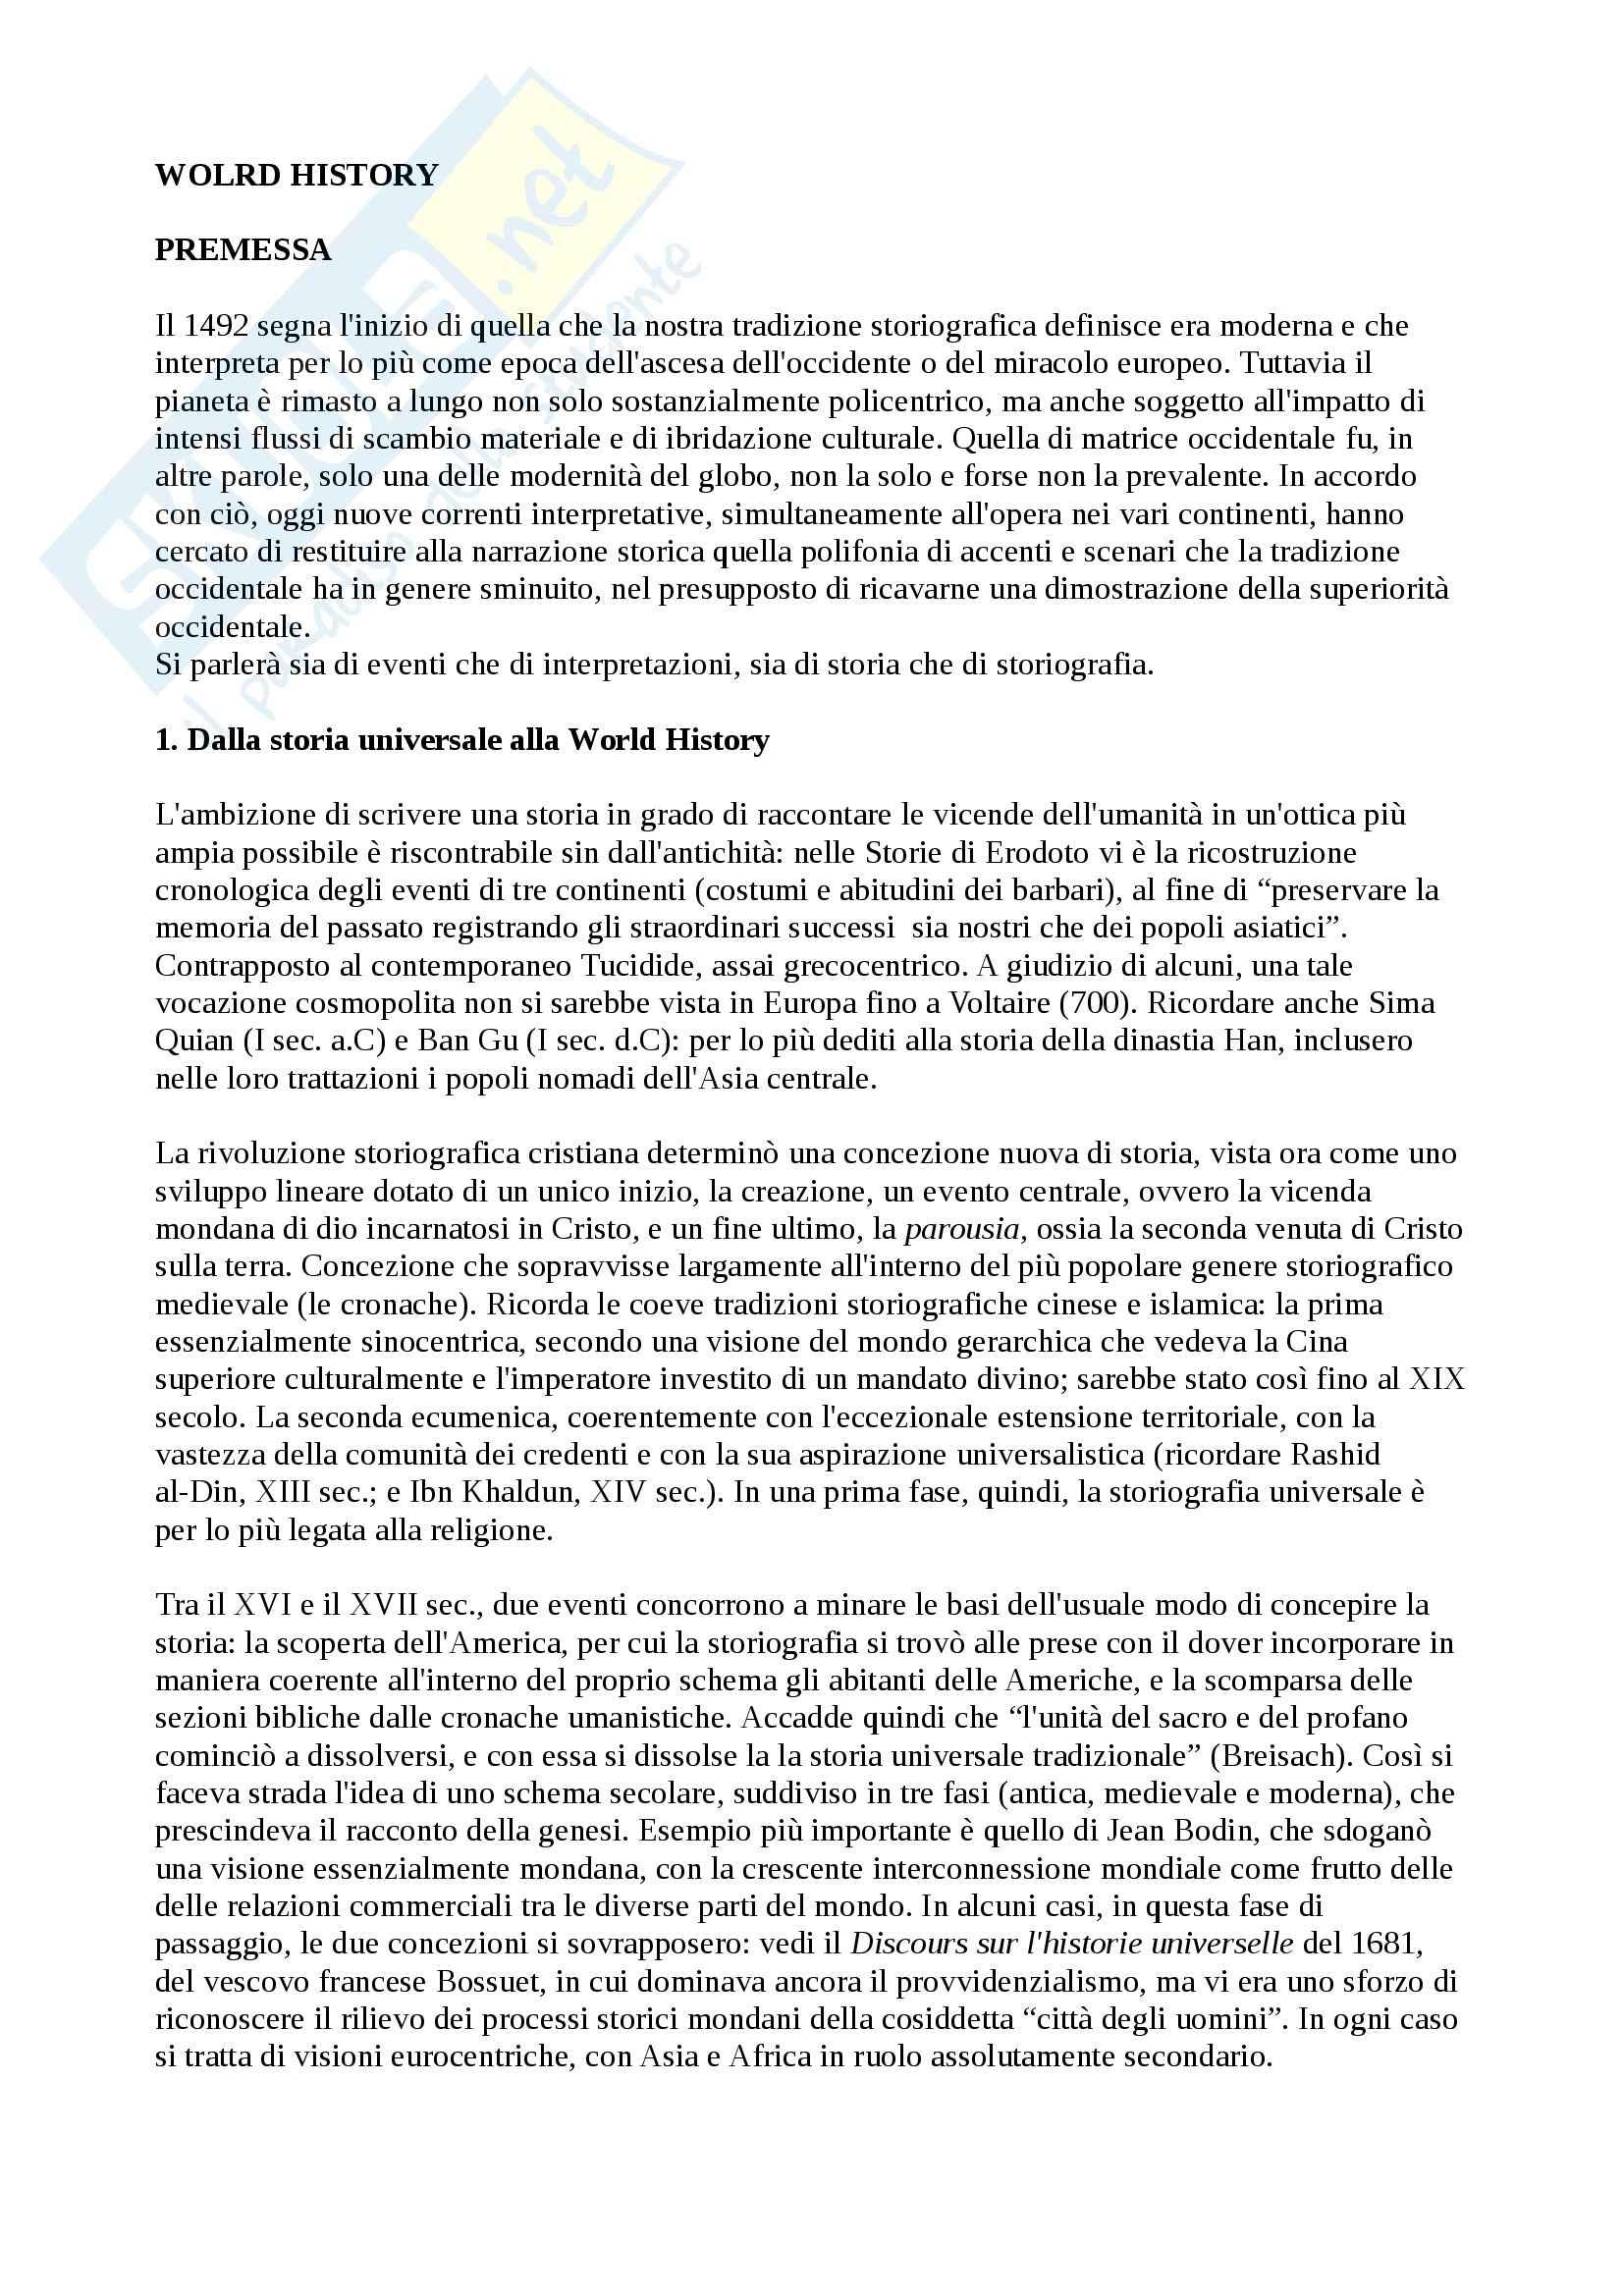 Riassunto esame world history, prof. Capuzzo, libro consigliato World history, Meriggi, Di Fiore